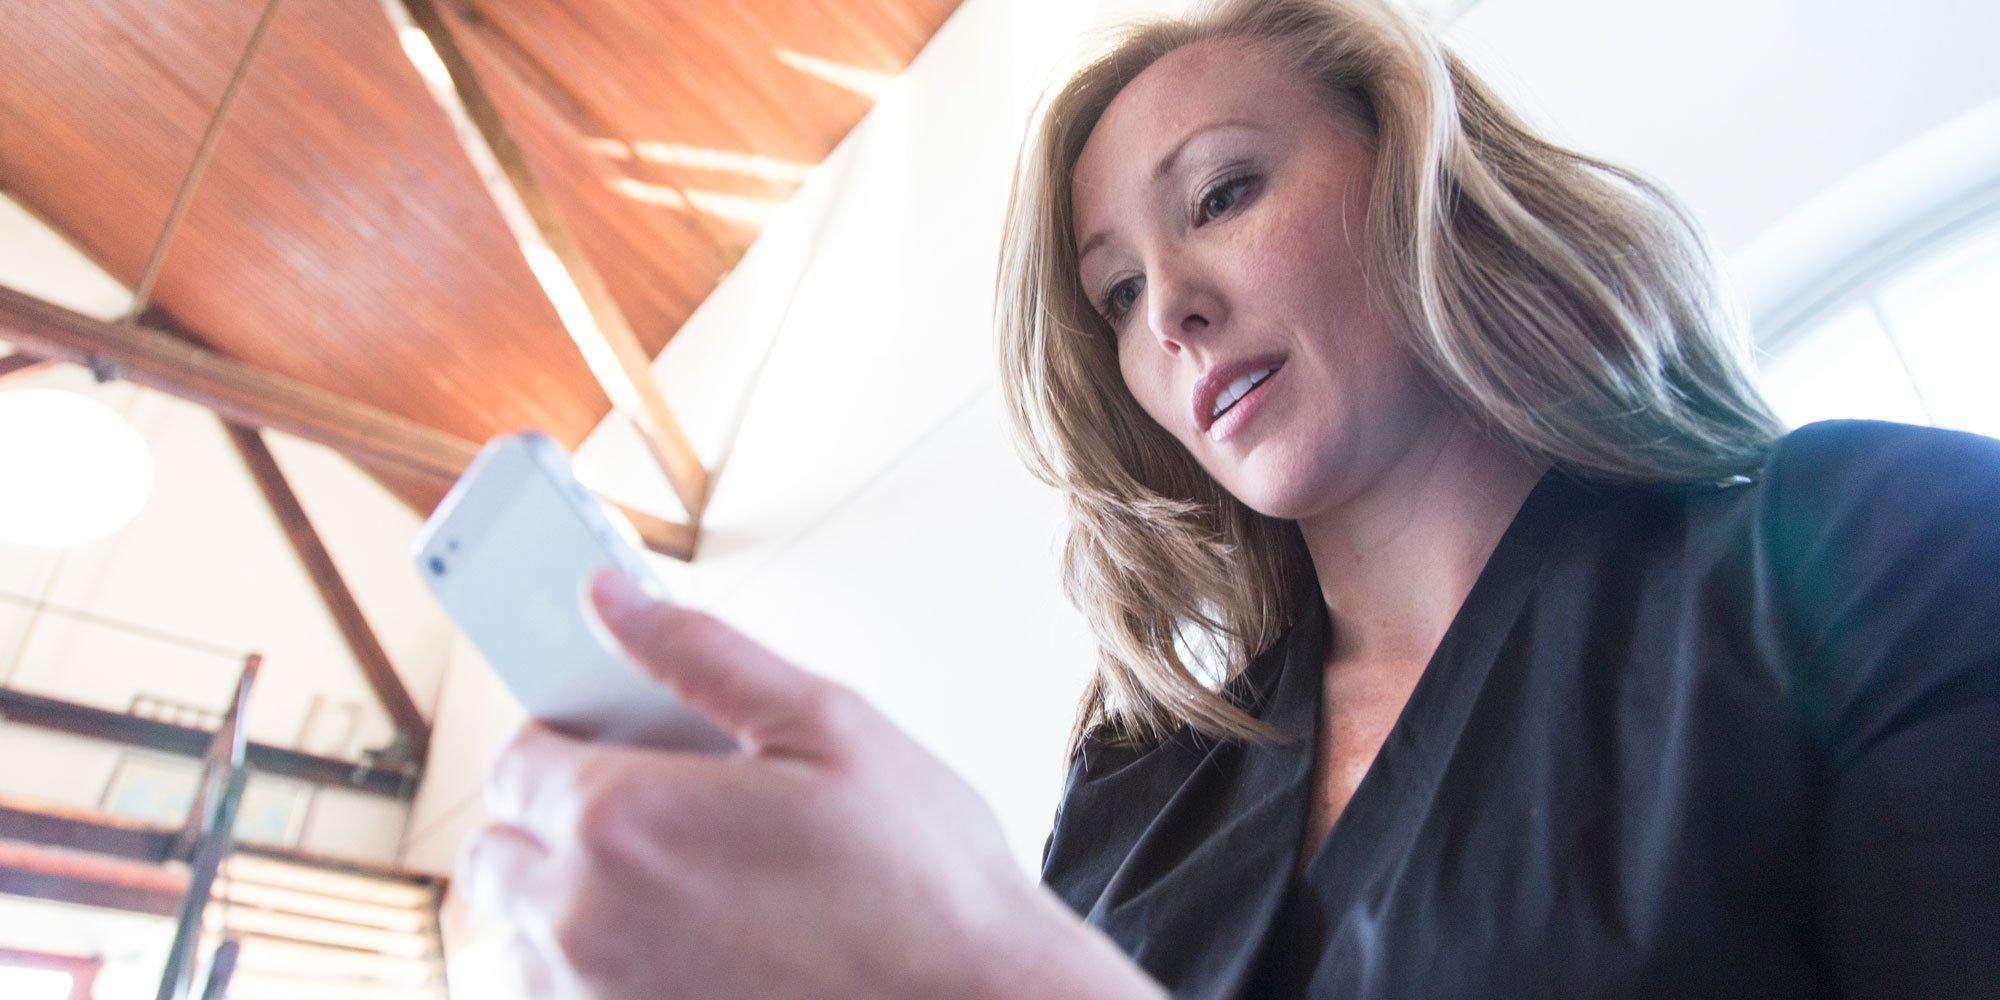 Kvinna-med-mobil_2000x1000.jpg